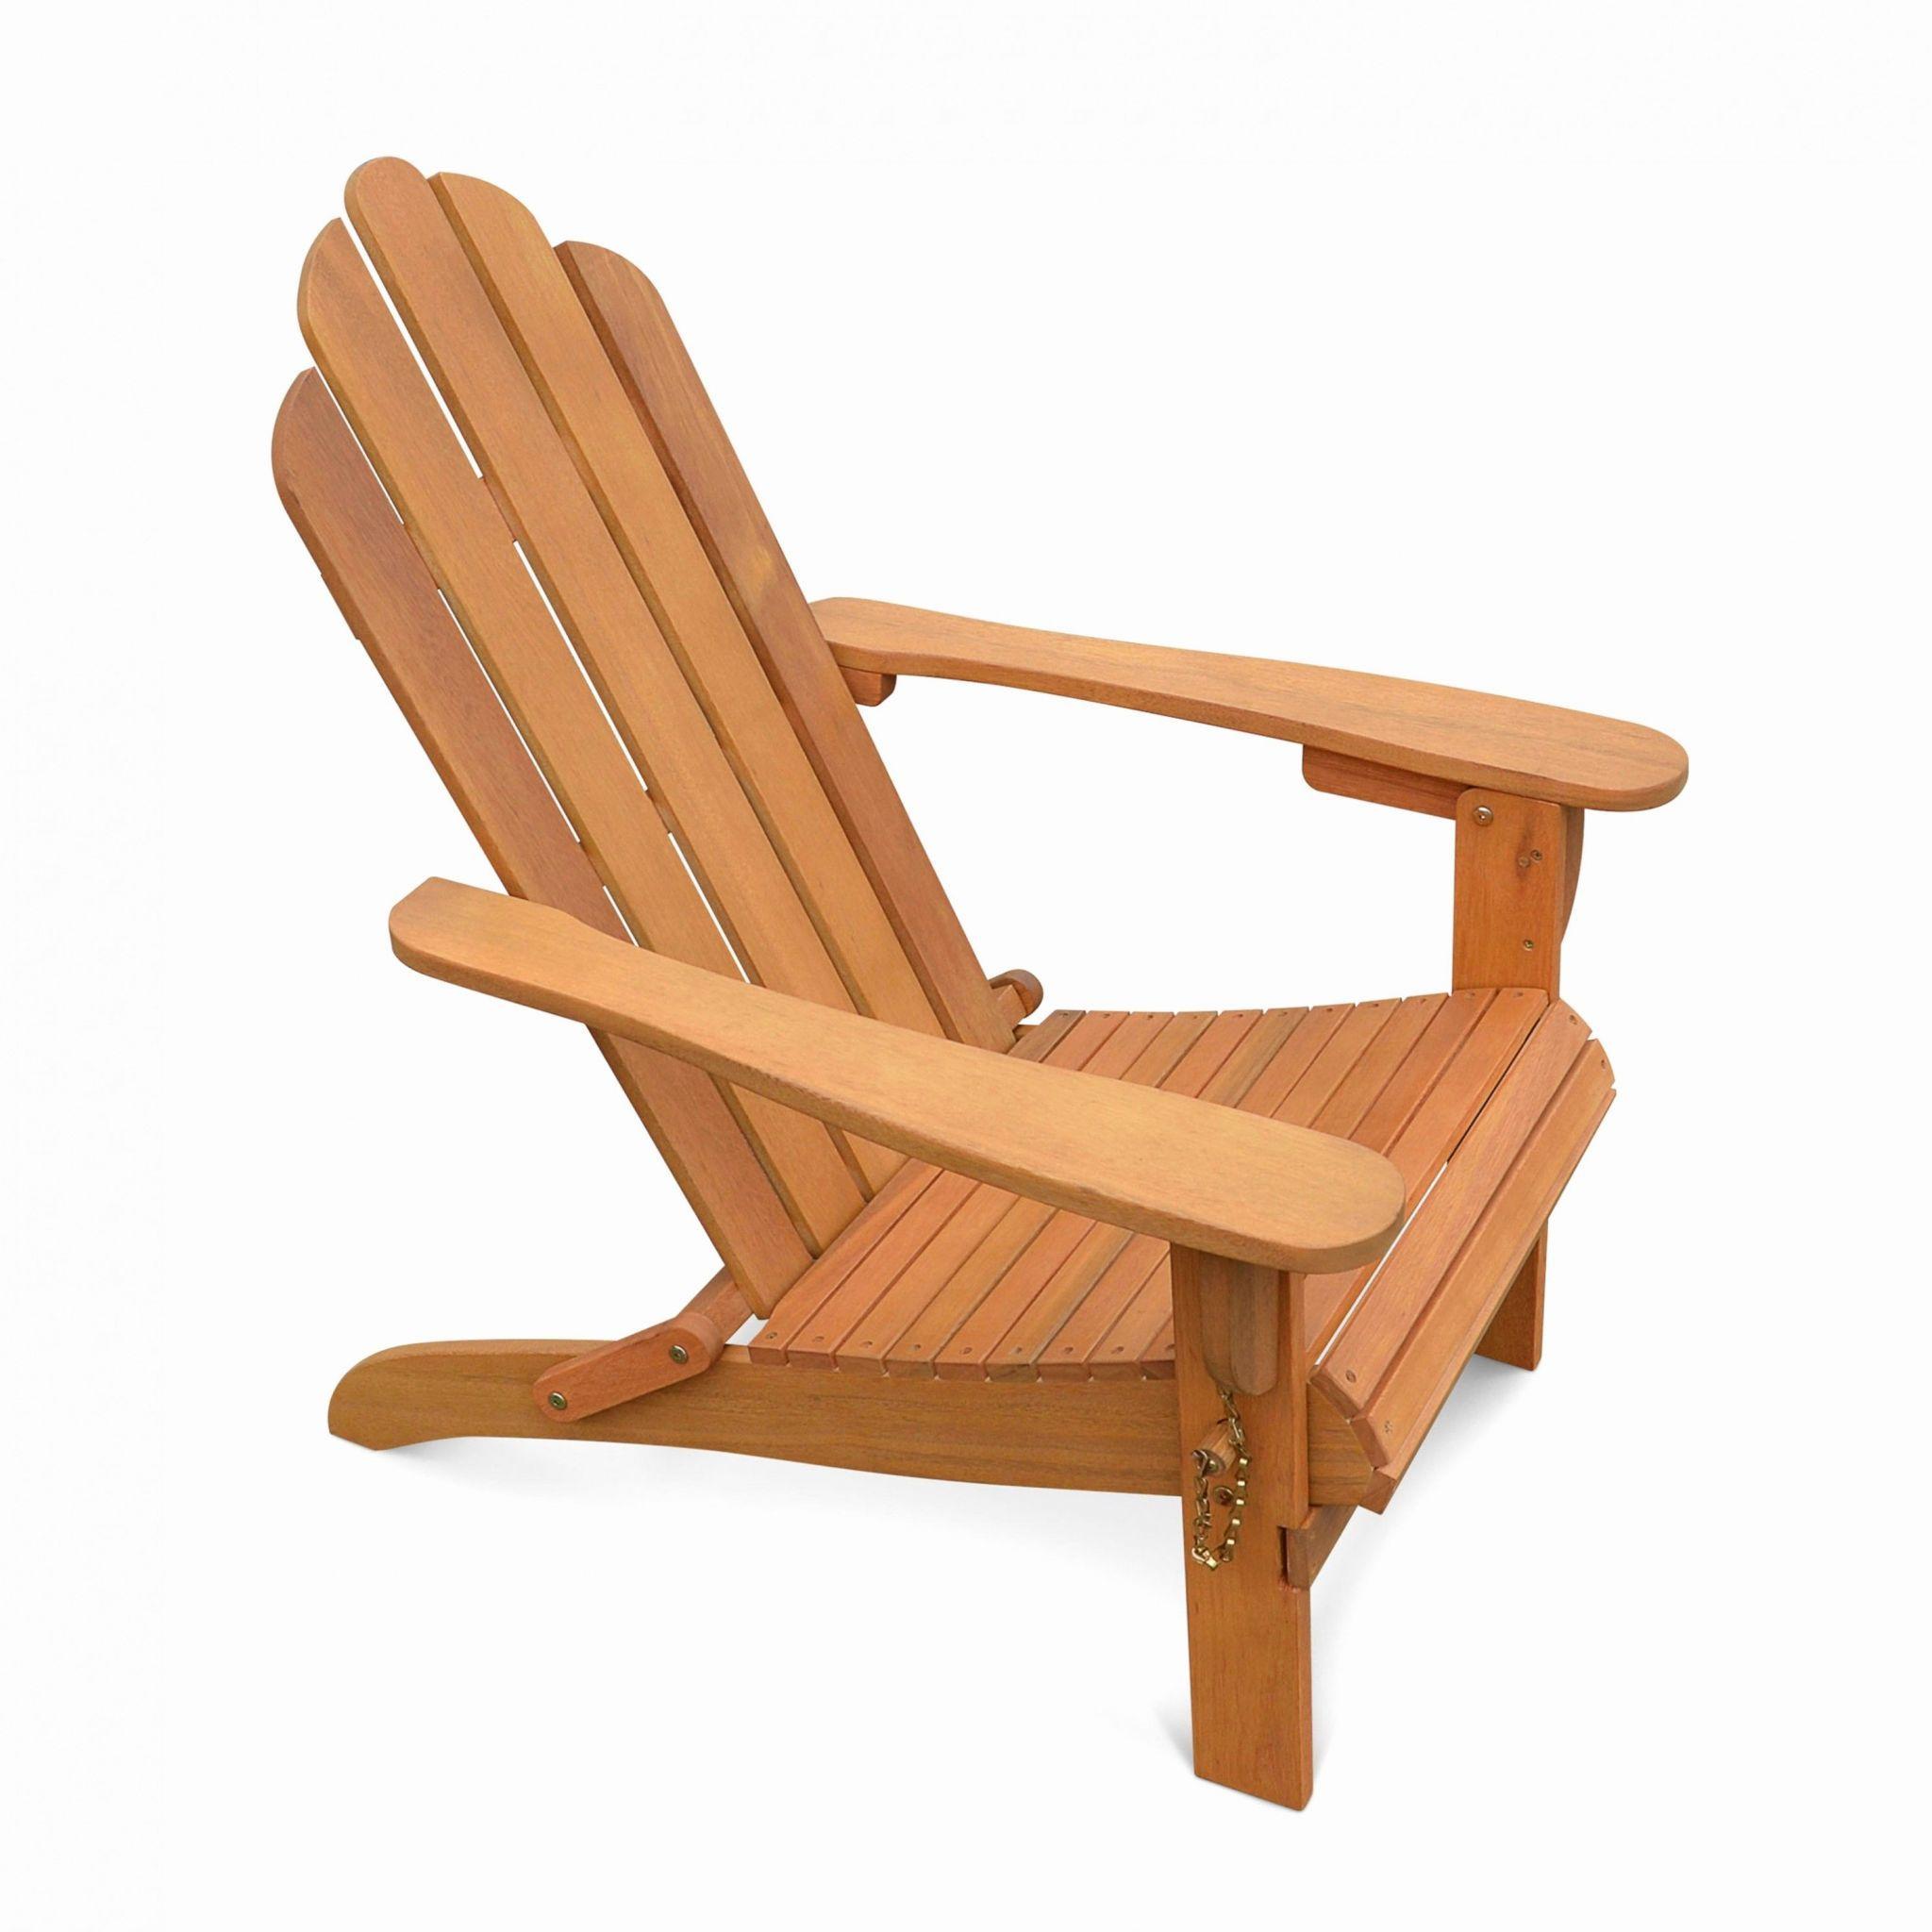 Chaise De Jardin Tissu Aussi Lesmeubles Fauteuil De Jardin ... tout Rocking Chair Jardin